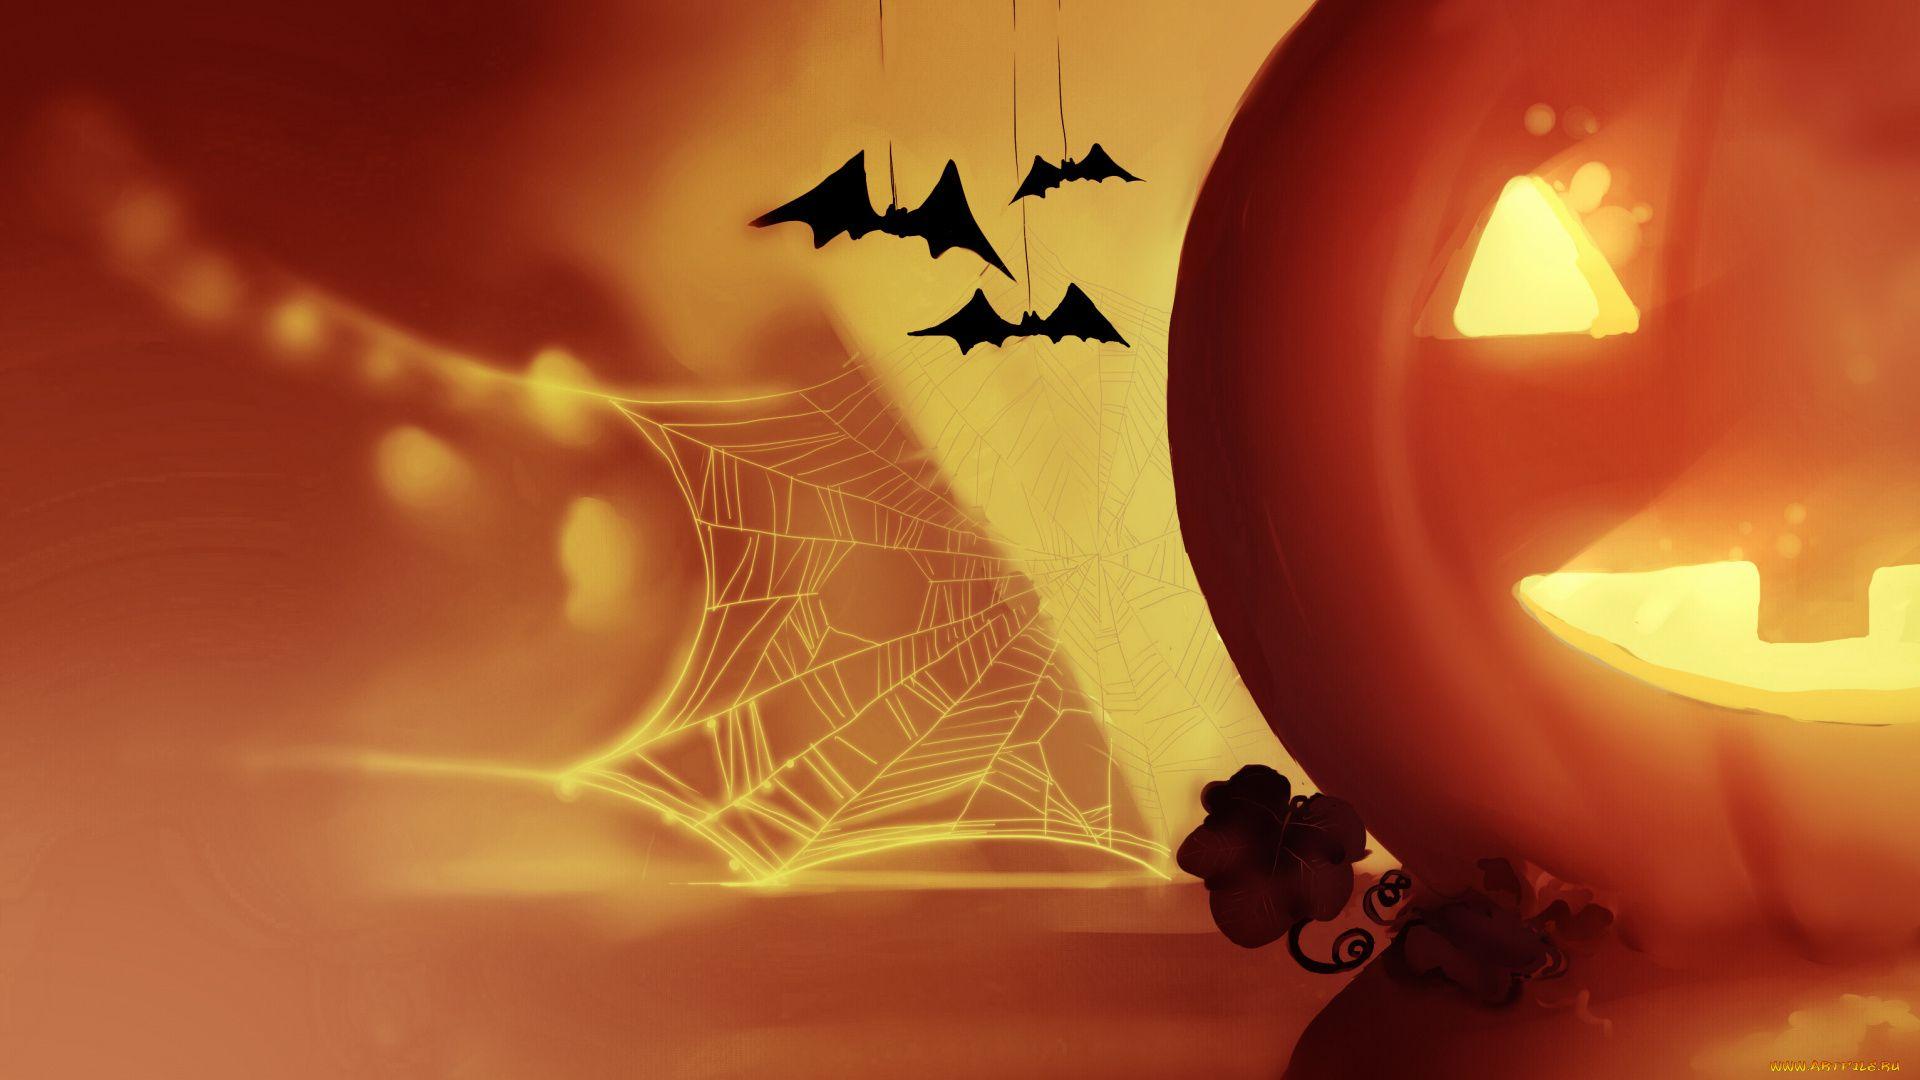 Halloween Photo Pumpkin And Midi